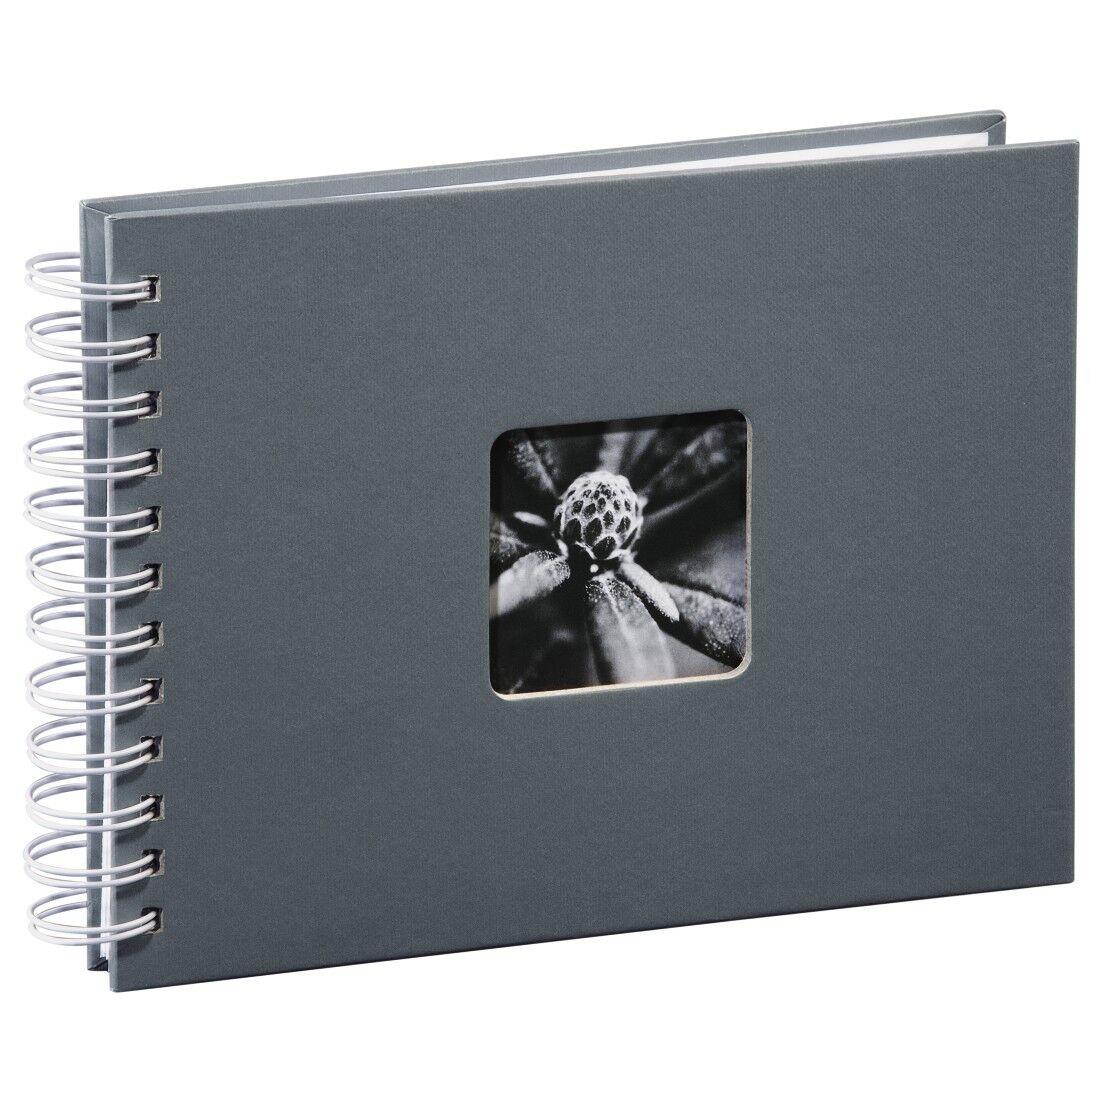 Hama Spiral-Album Grau Fine Art Fotoalbum 24x17cm 50 weiße Seiten für 10x15cm